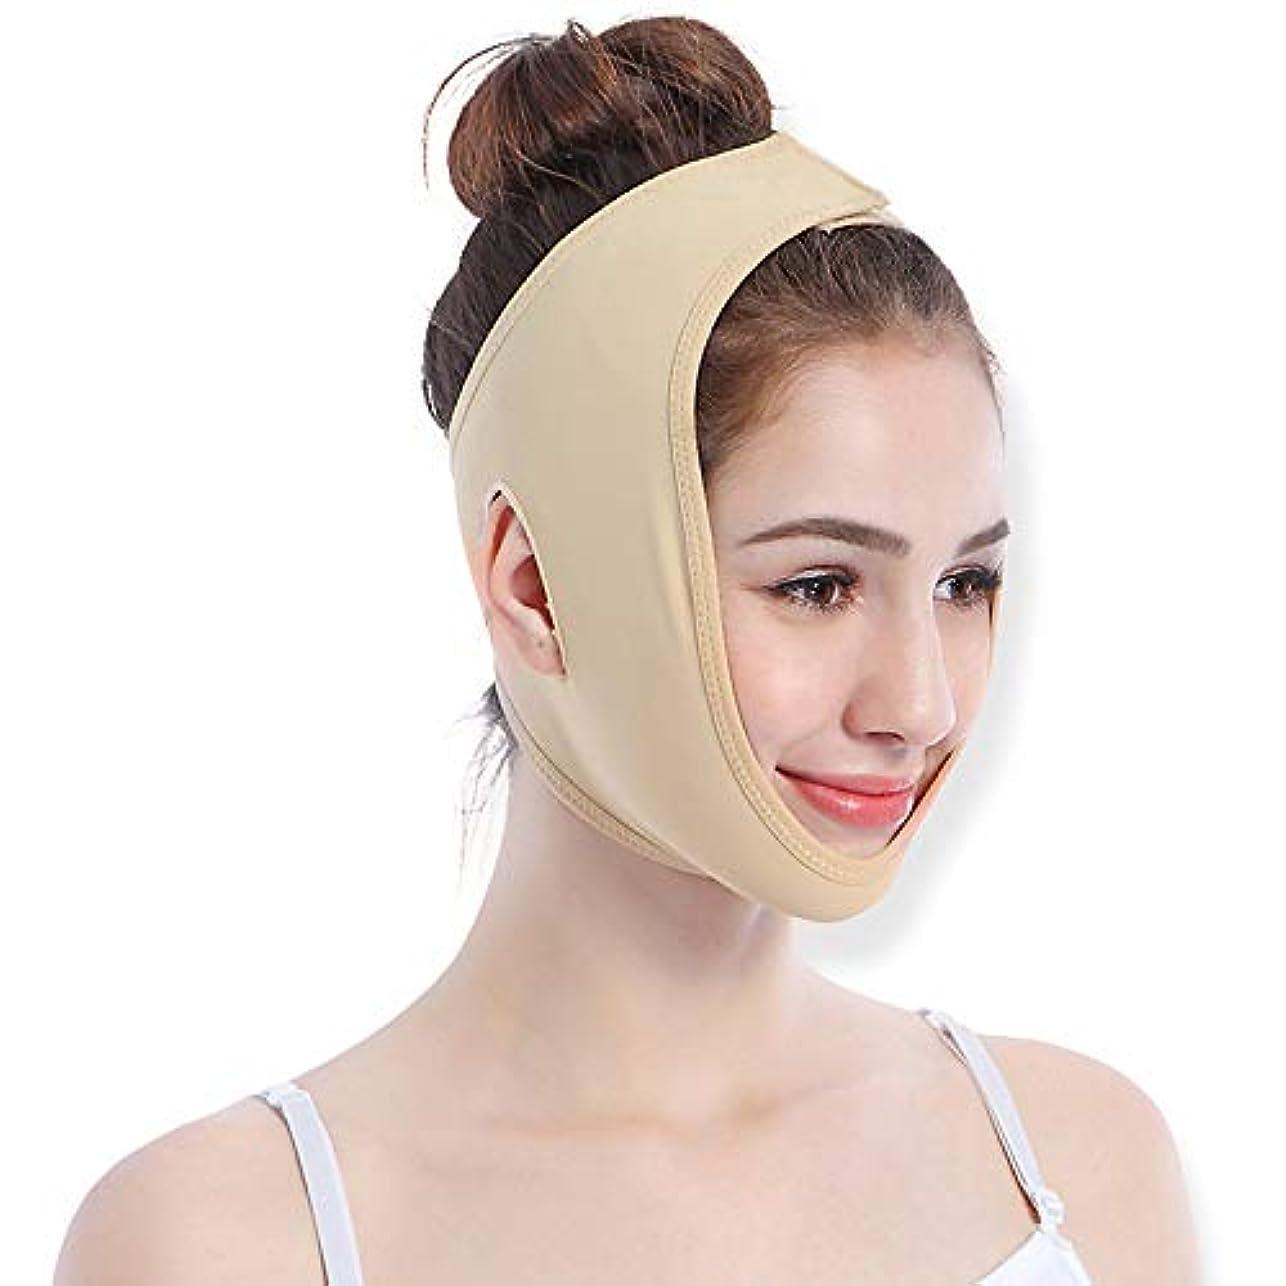 ゴールド五月エジプト顔の重量損失通気性顔マスク睡眠 V 顔マスク顔リフティング包帯リフティング引き締めフェイスリフティングユニセックス,S